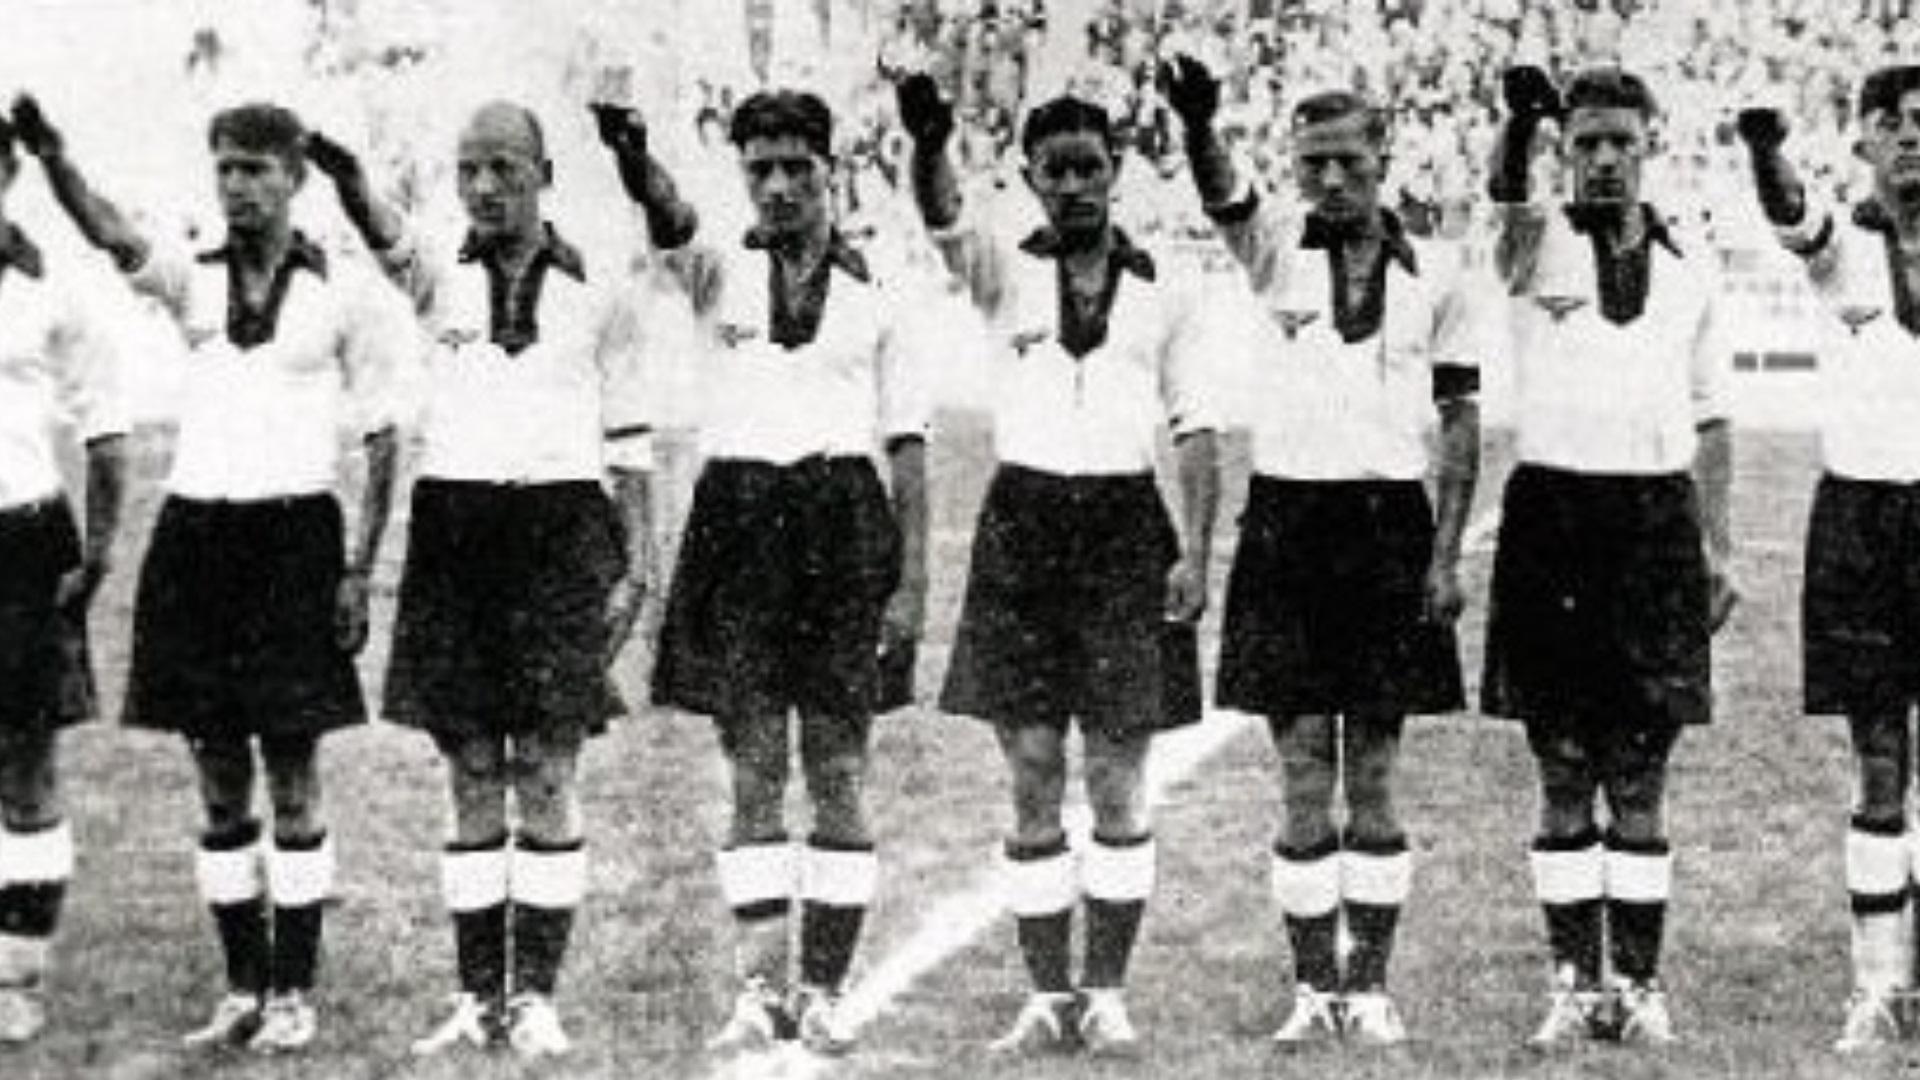 Alemanha nazista Copa do Mundo 1934 08 11 2017